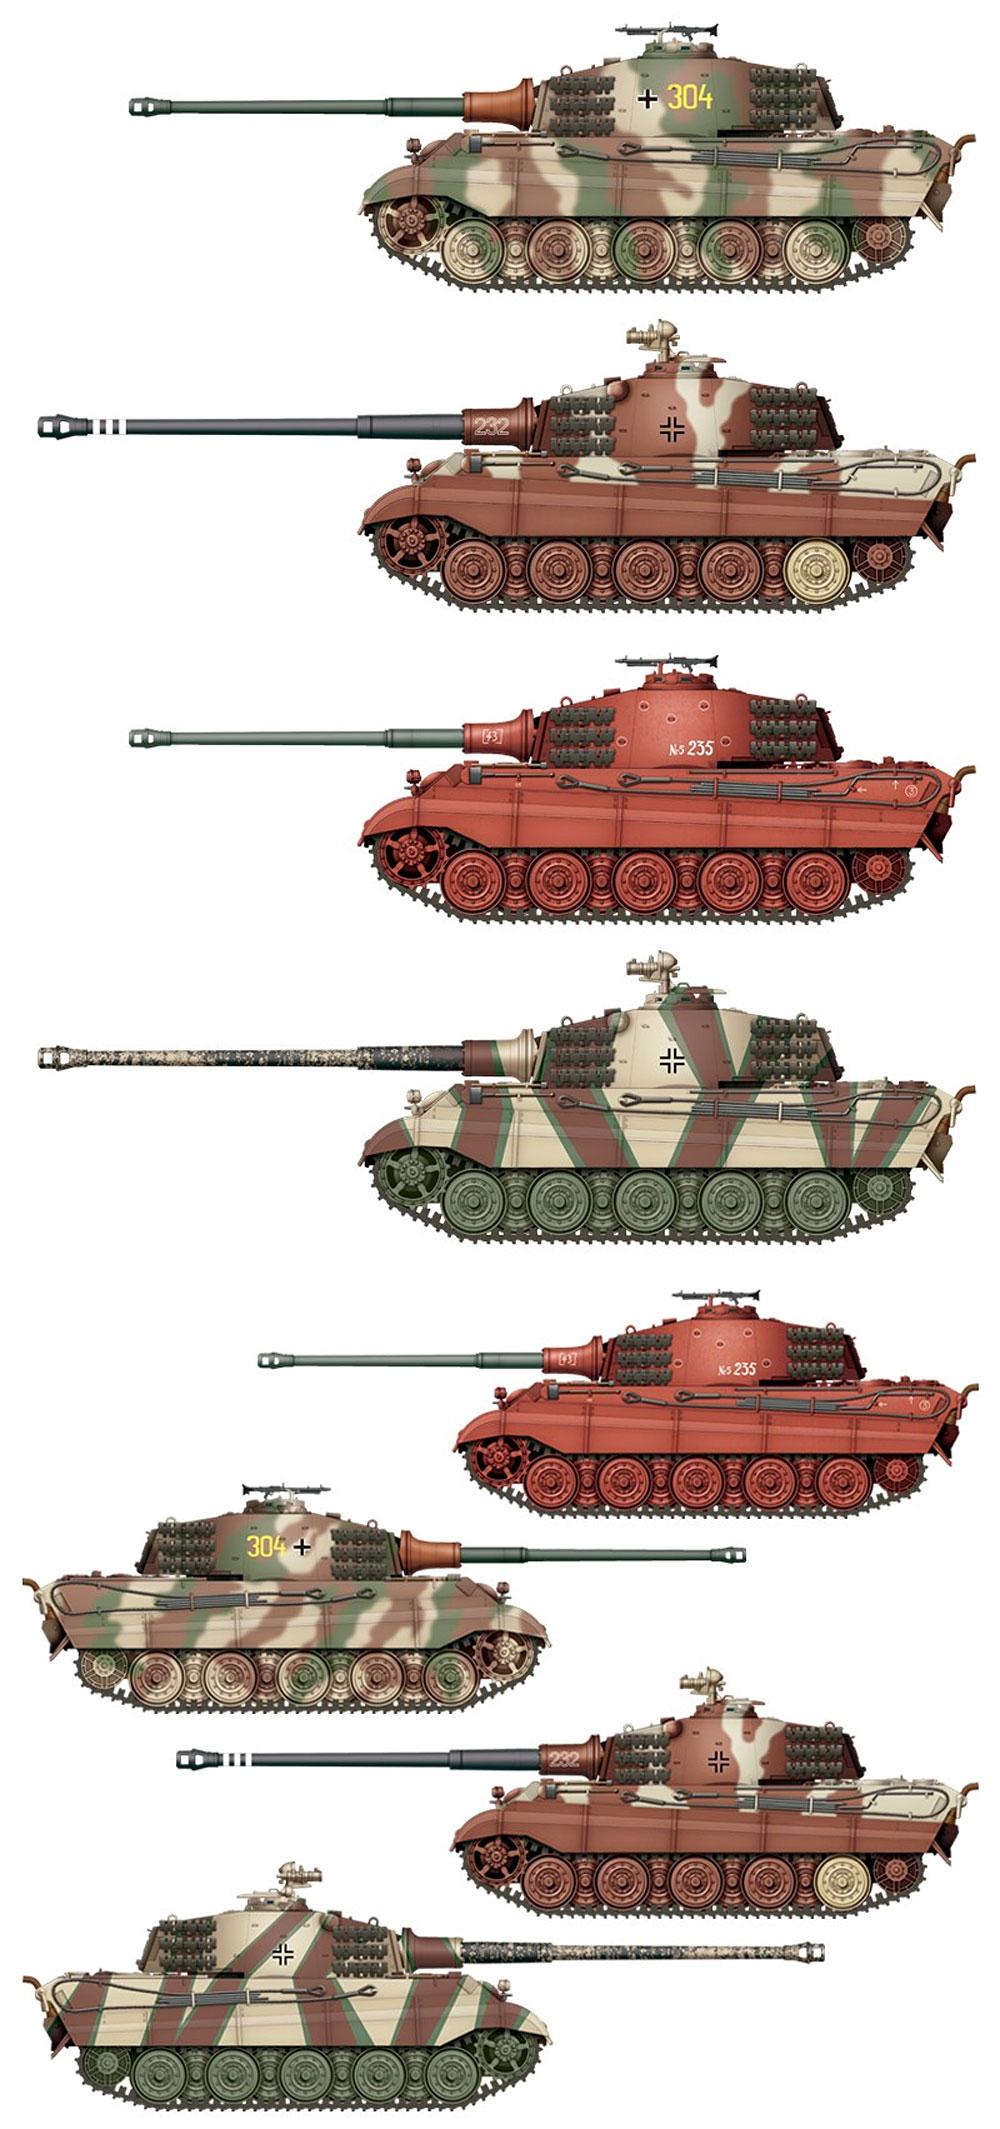 ドイツ 重戦車 Sd.Kfz.182 キングタイガー ヘンシェル砲塔 1945年 2 in 1プラモデル(アモLimited Edition Plastic model kitNo.A.MIG-8500)商品画像_4